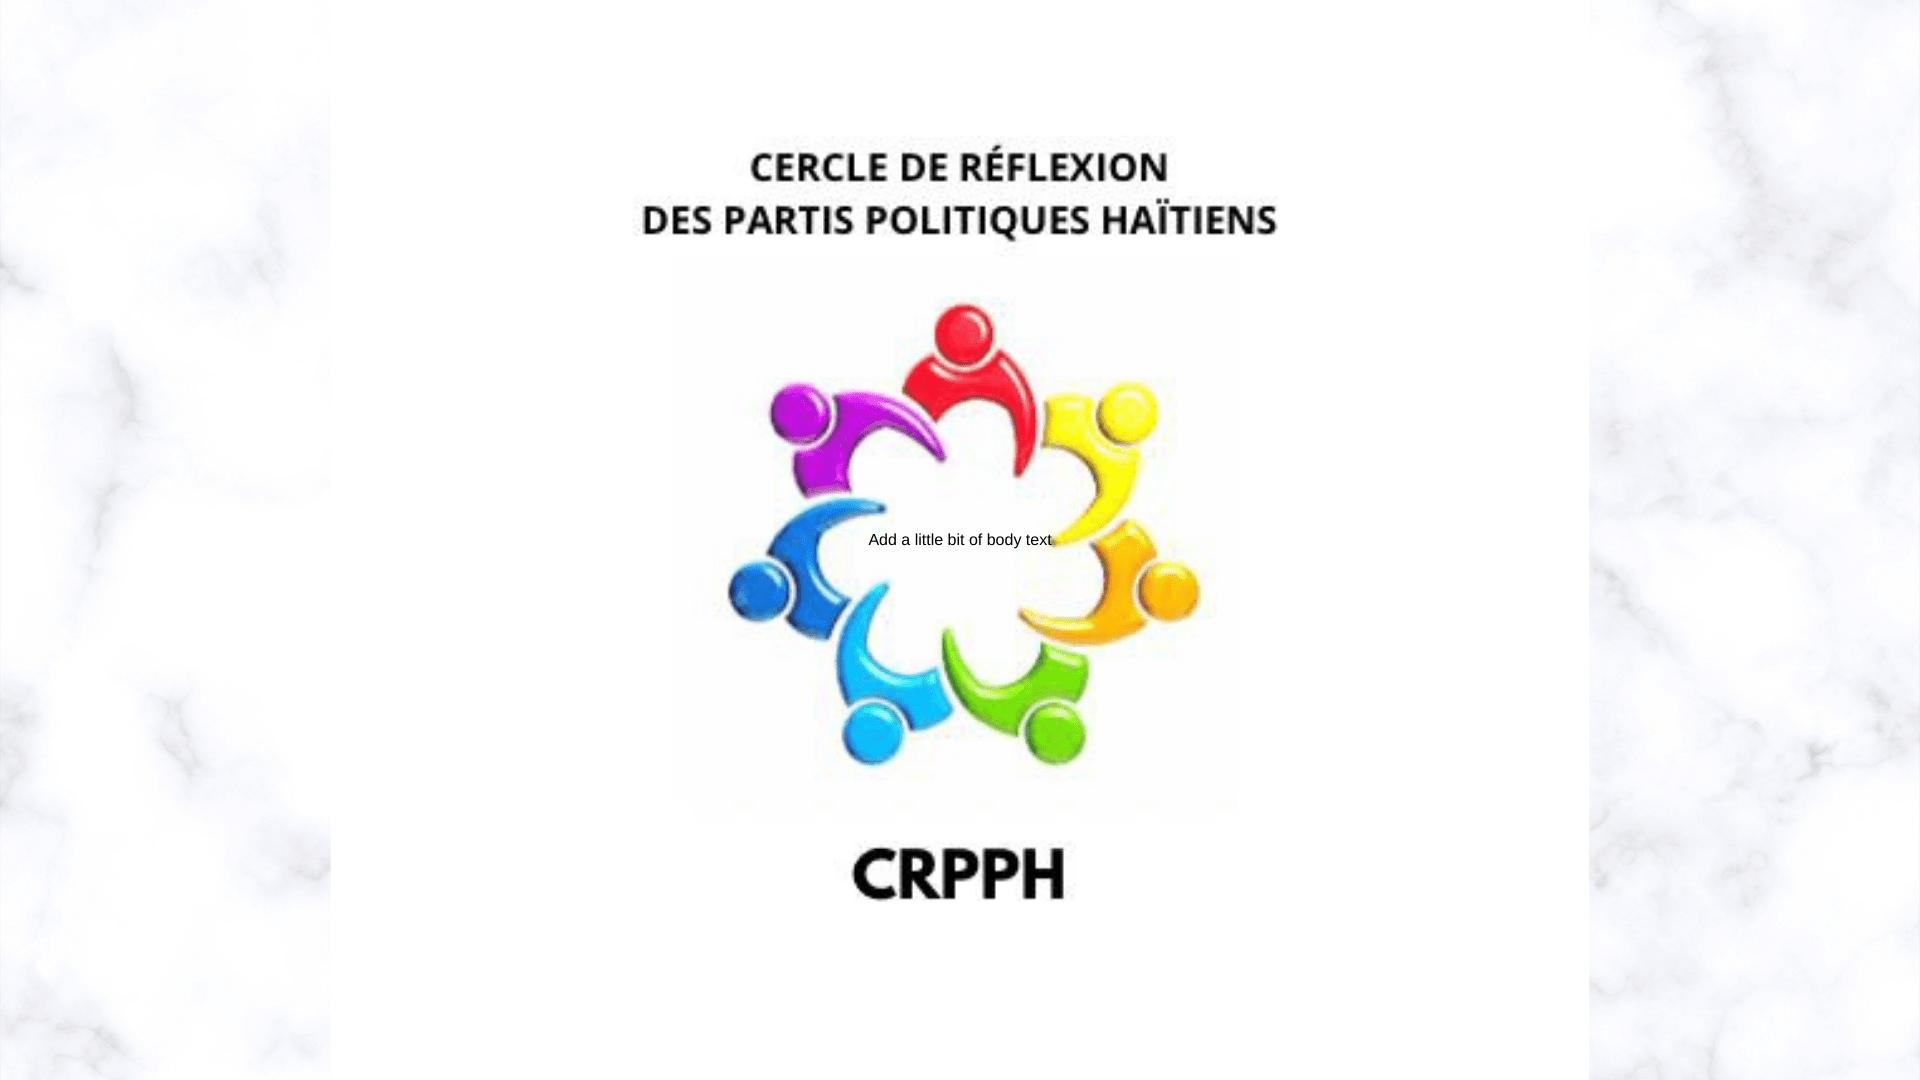 Des partis politiques appellent les protagonistes à éviter toutes solutions antidémocratiques